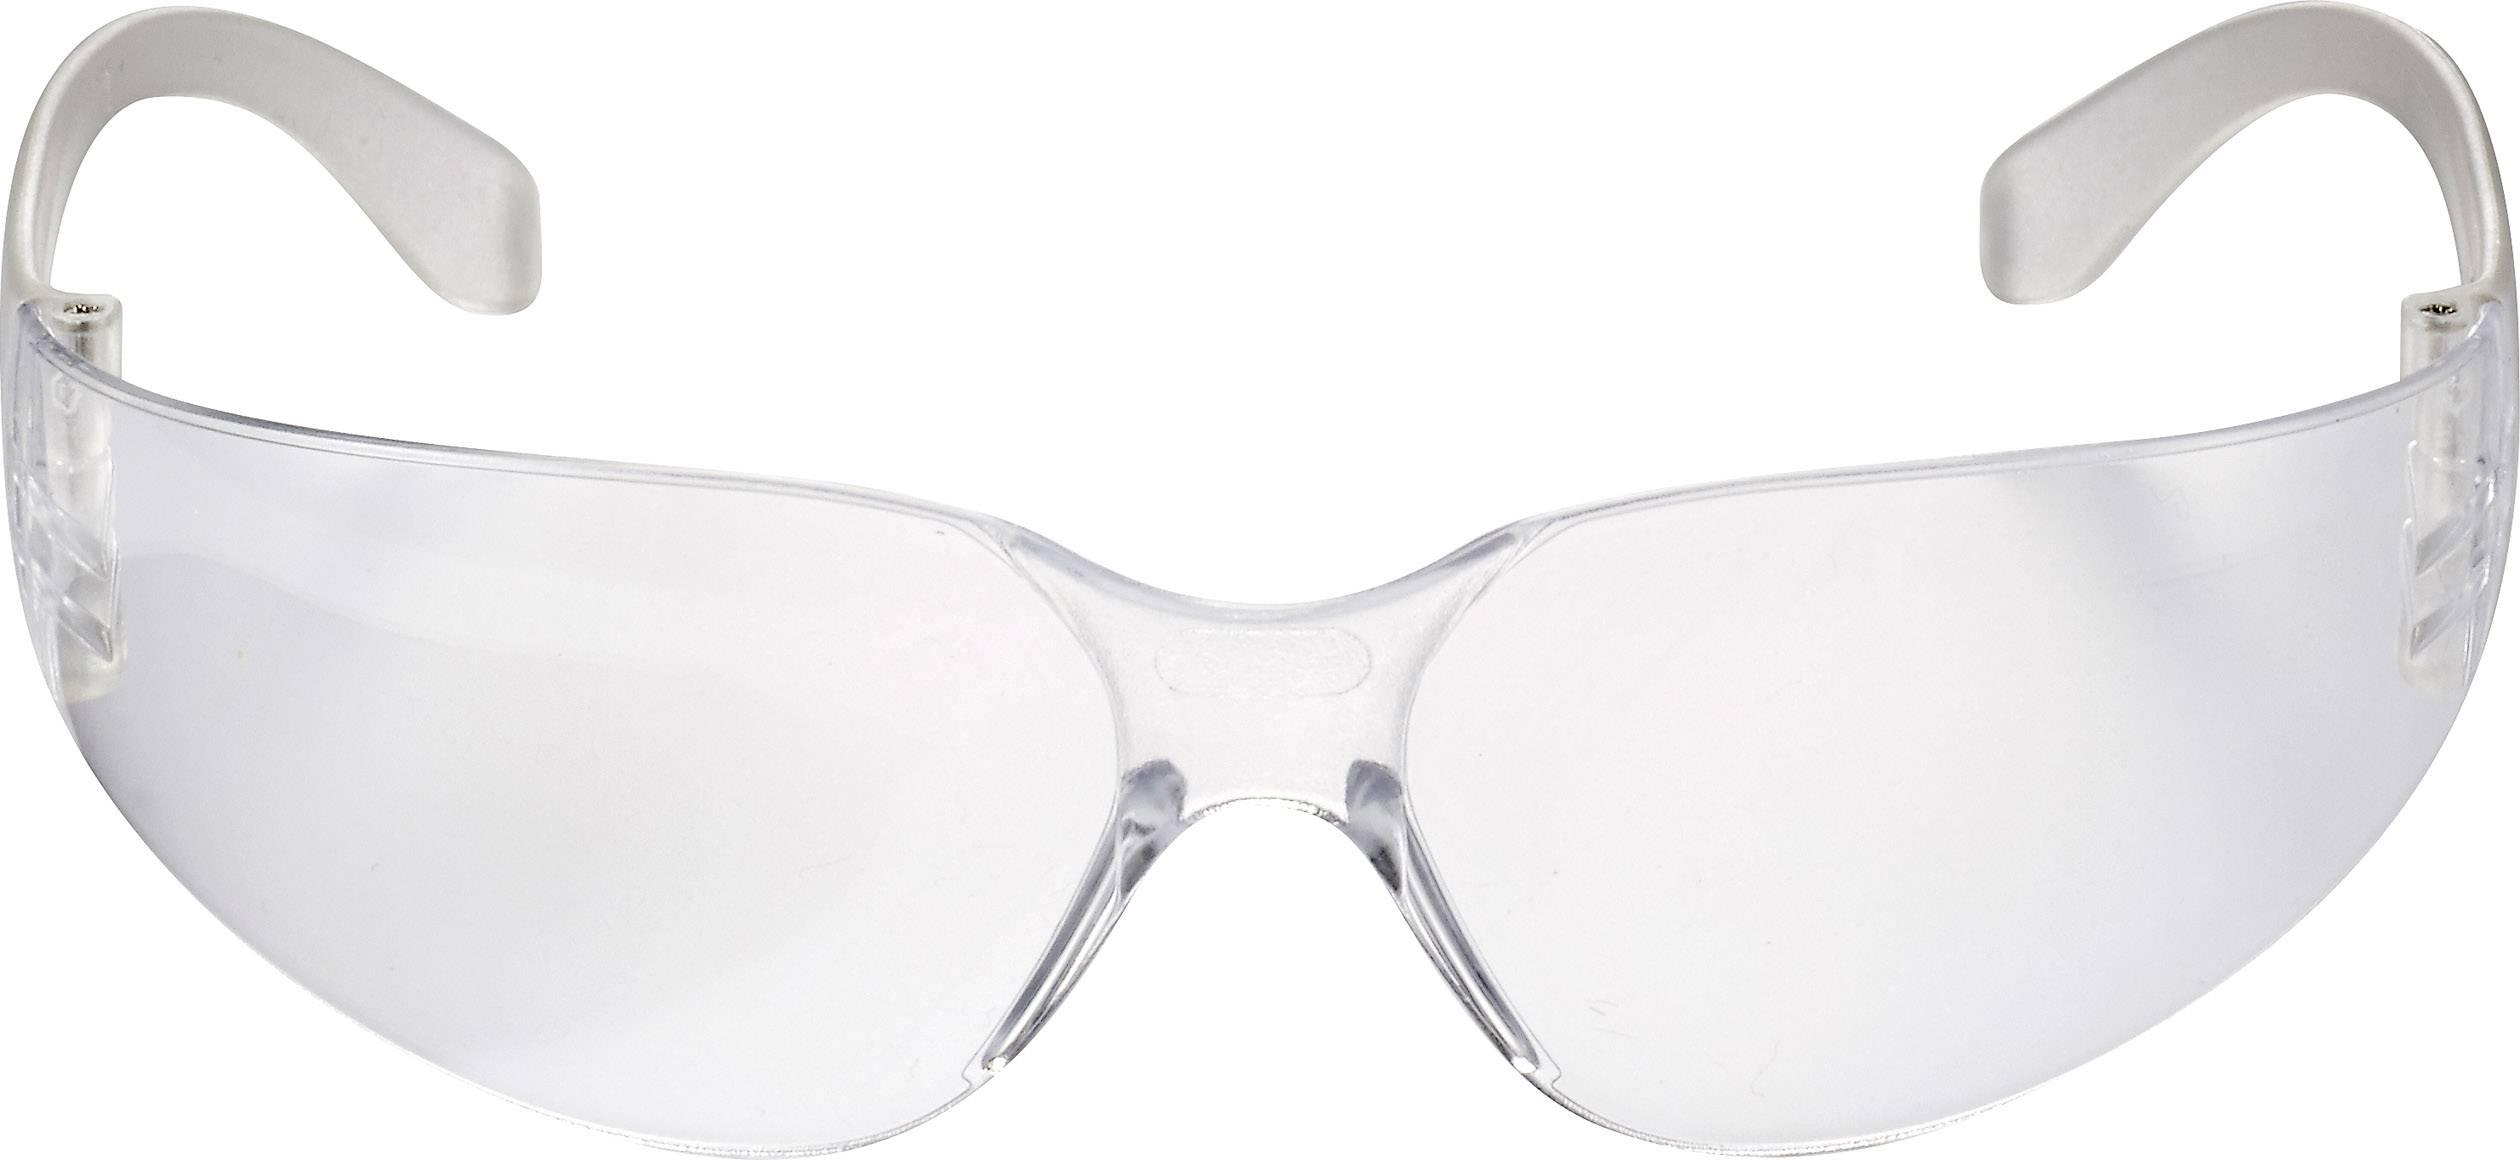 Ochranné brýle Toolcraft, transparentní, DIN EN 166-1 TOOLCRAFT TO-5291646